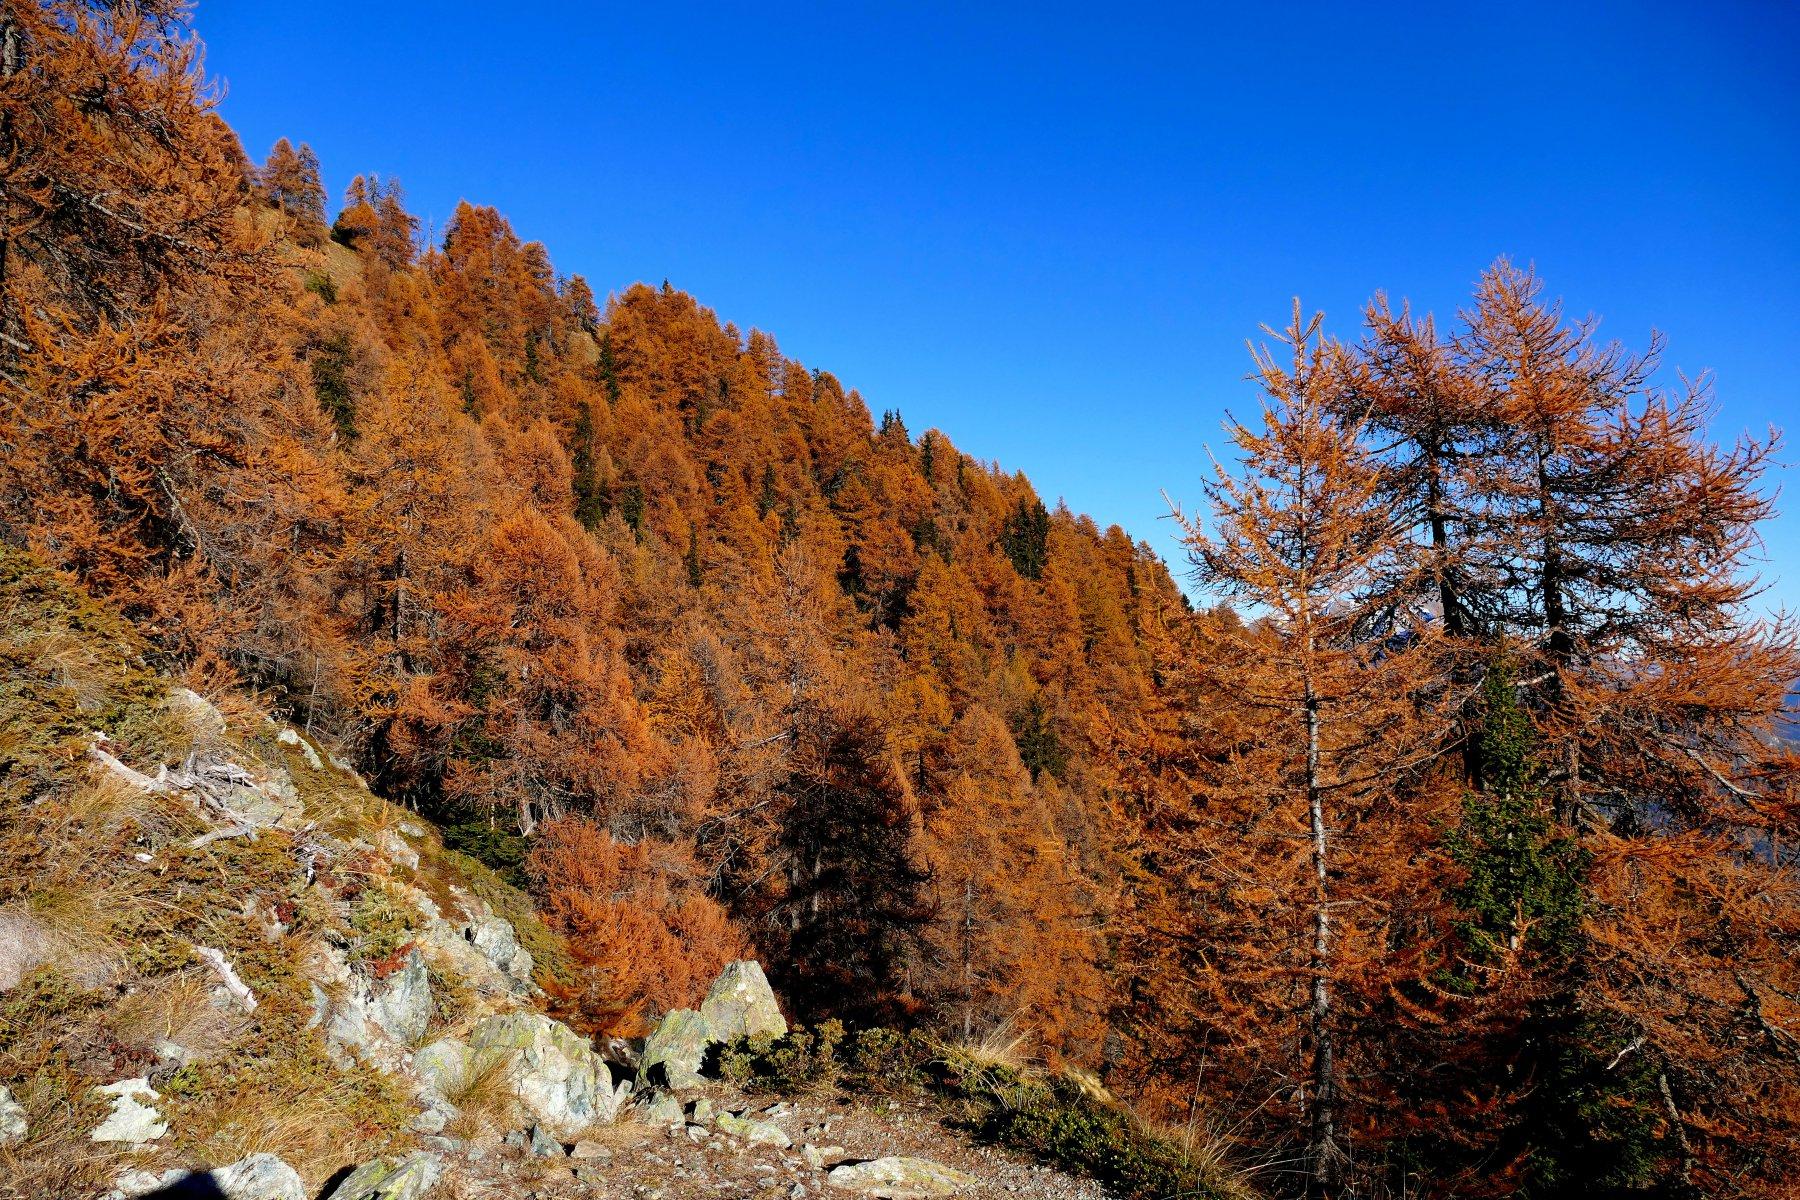 Il bosco di conifere in veste autunnale (02-11-15)